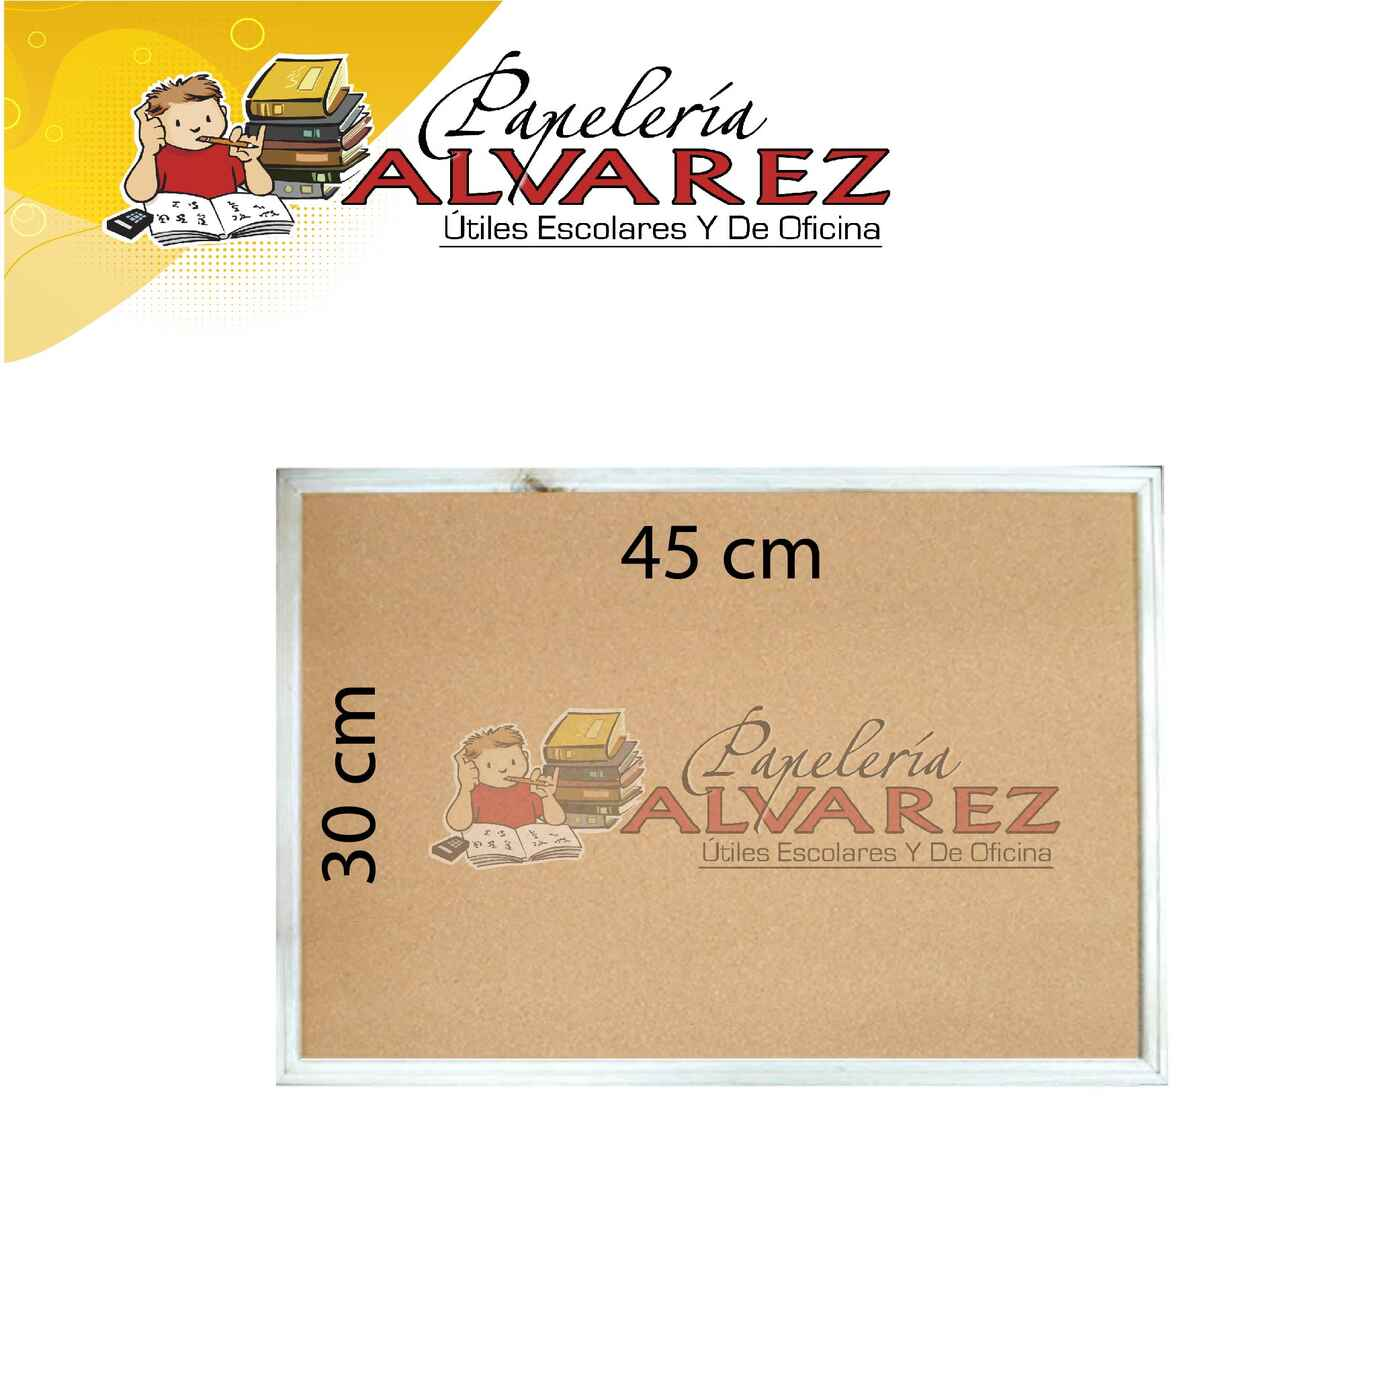 TABLERO XPRESART CORCHO 30X45